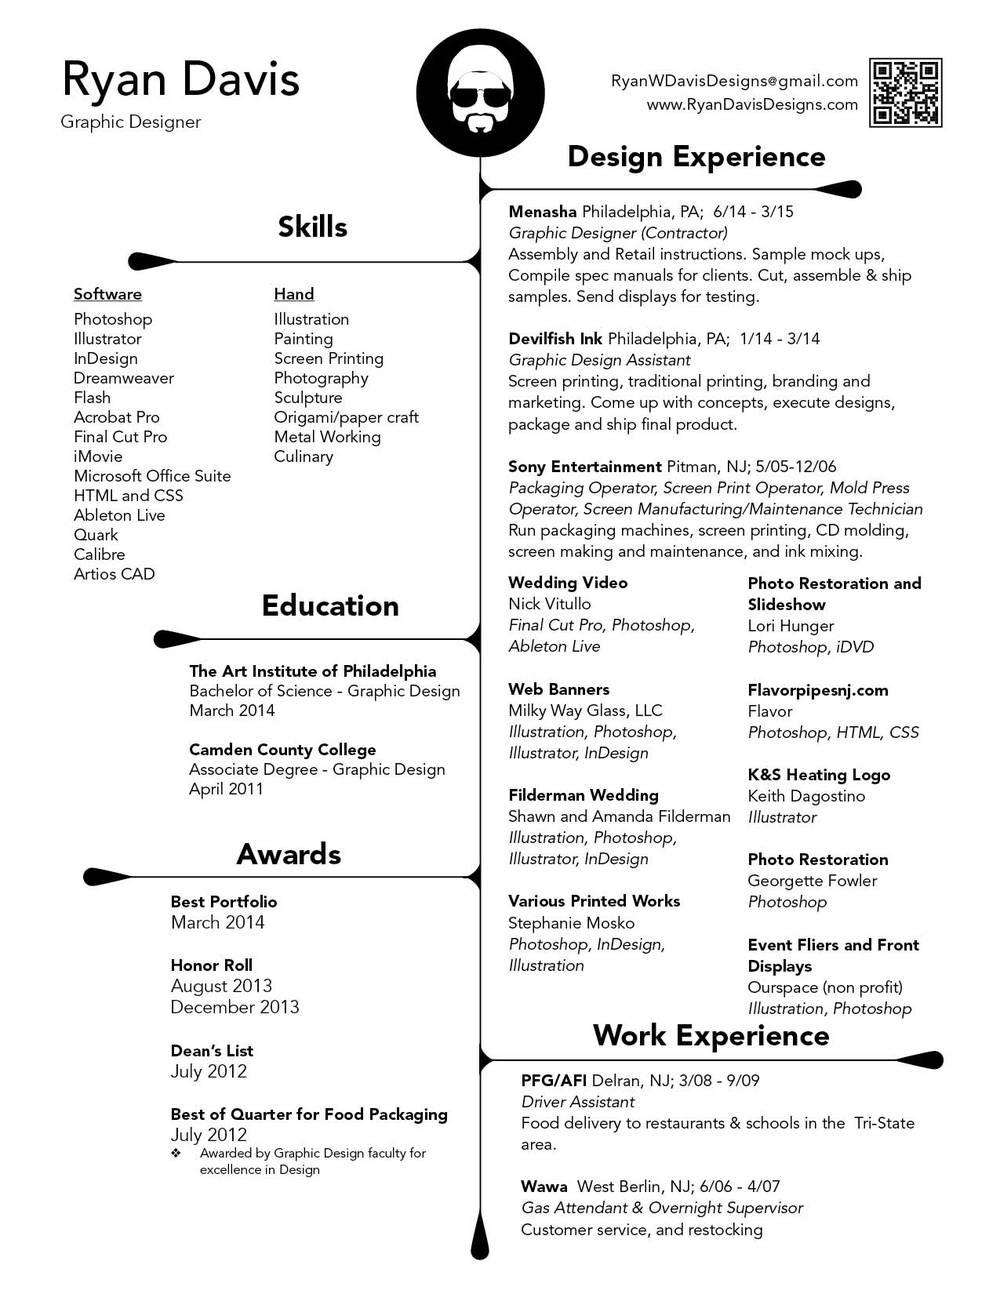 RDavis_Resume_online.jpg